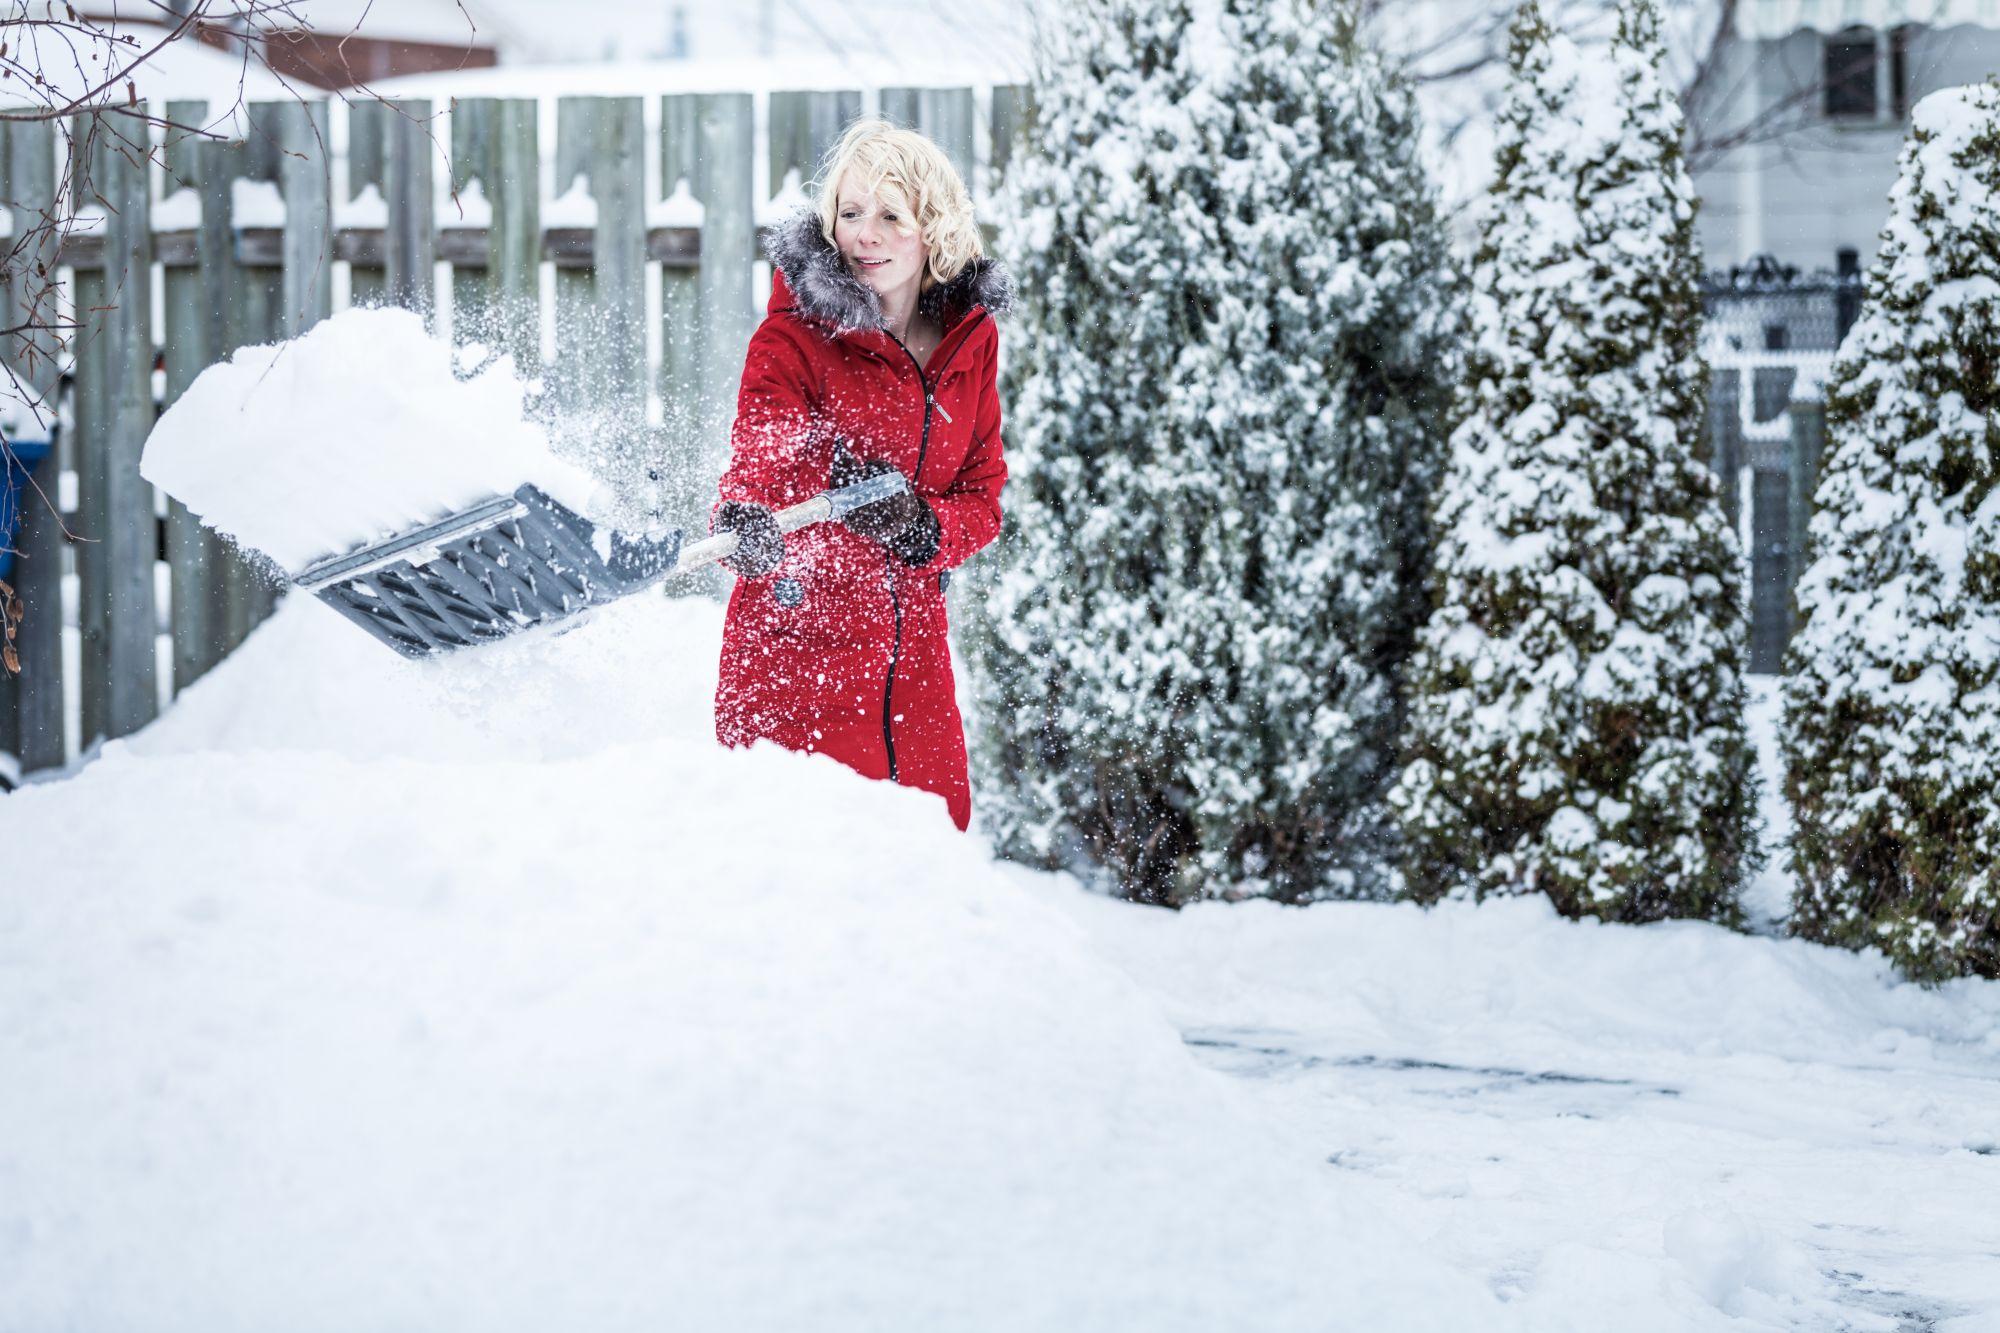 Nainen tekee lumitöitä ja käyttää hengityslihaksia hengittämiseen